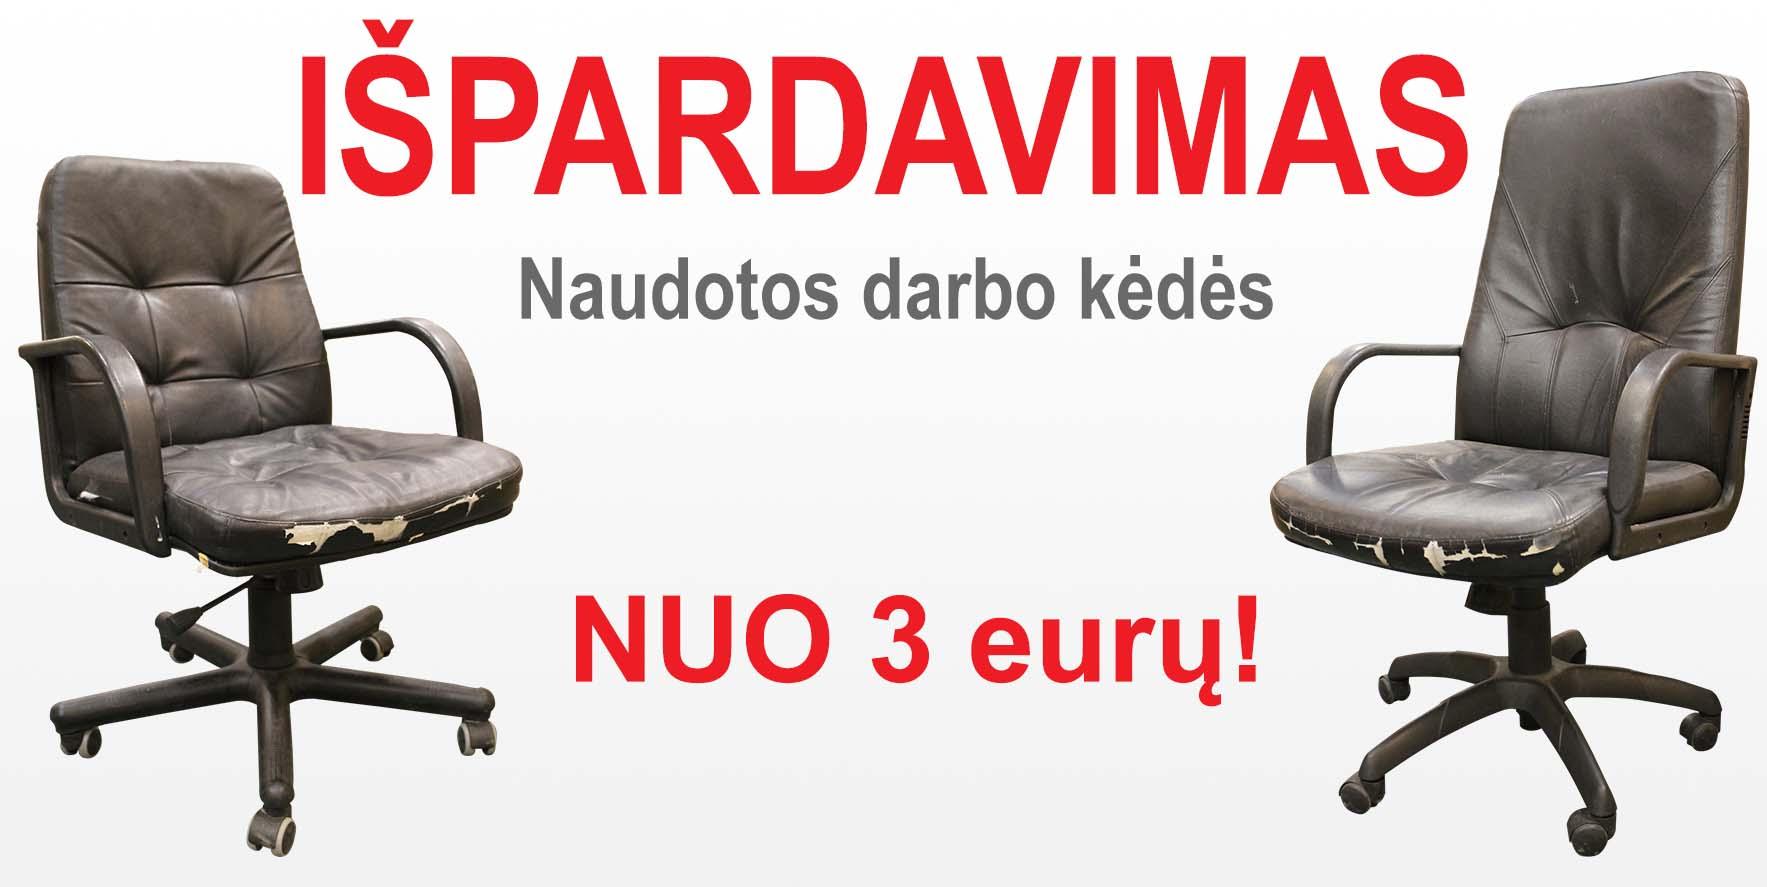 Biuro kėdės nuo 3 eurų! Išpardavimas